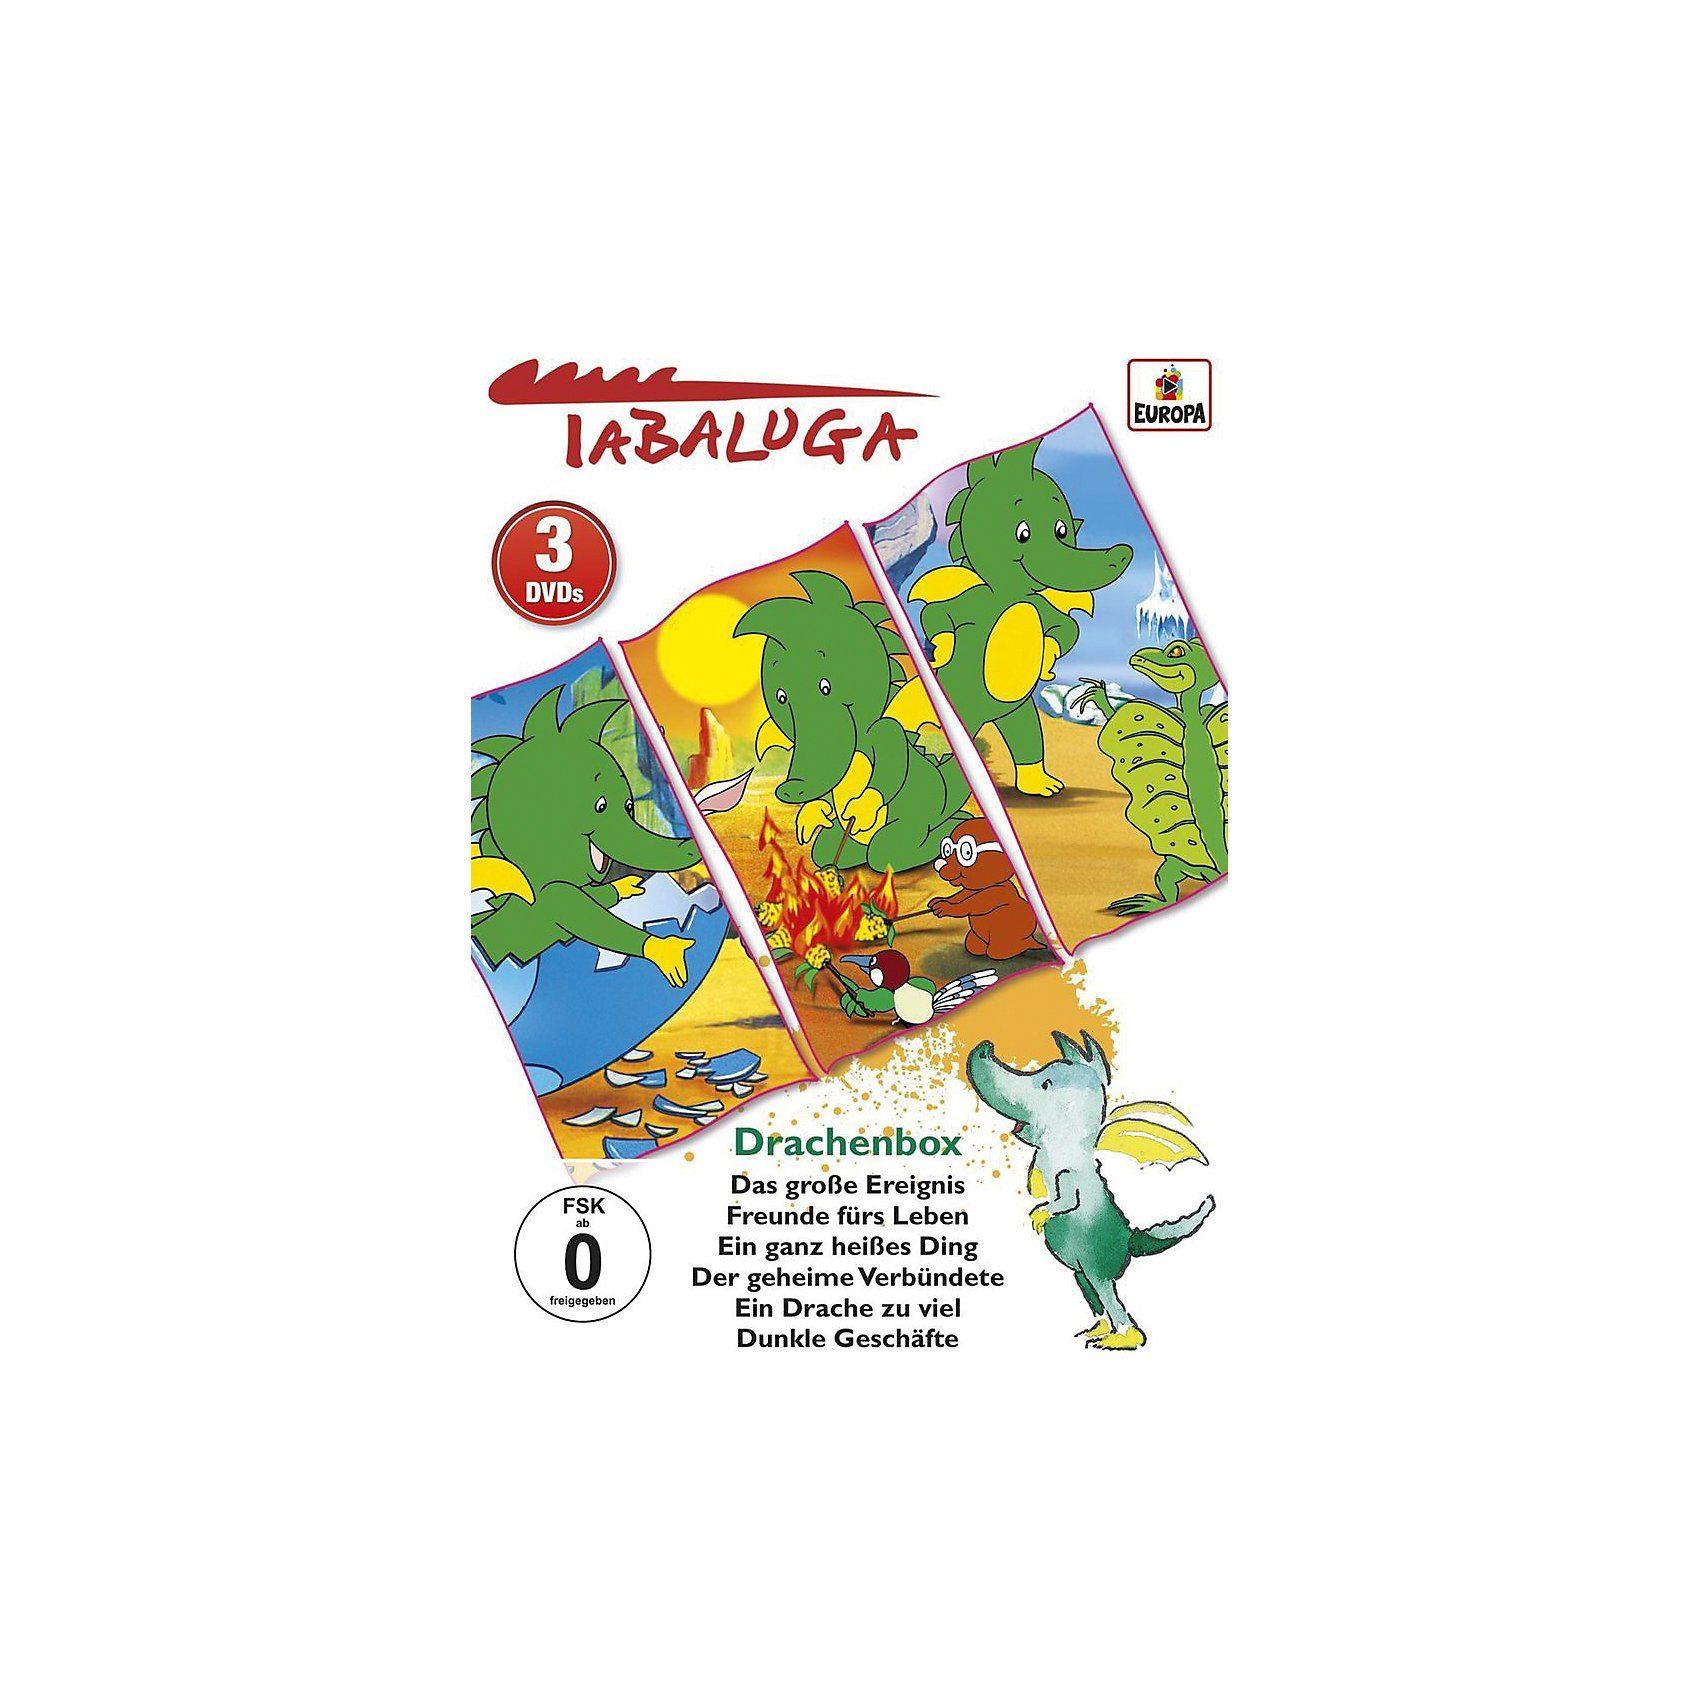 Sony CD Tabaluga - Tabaluga und Leo